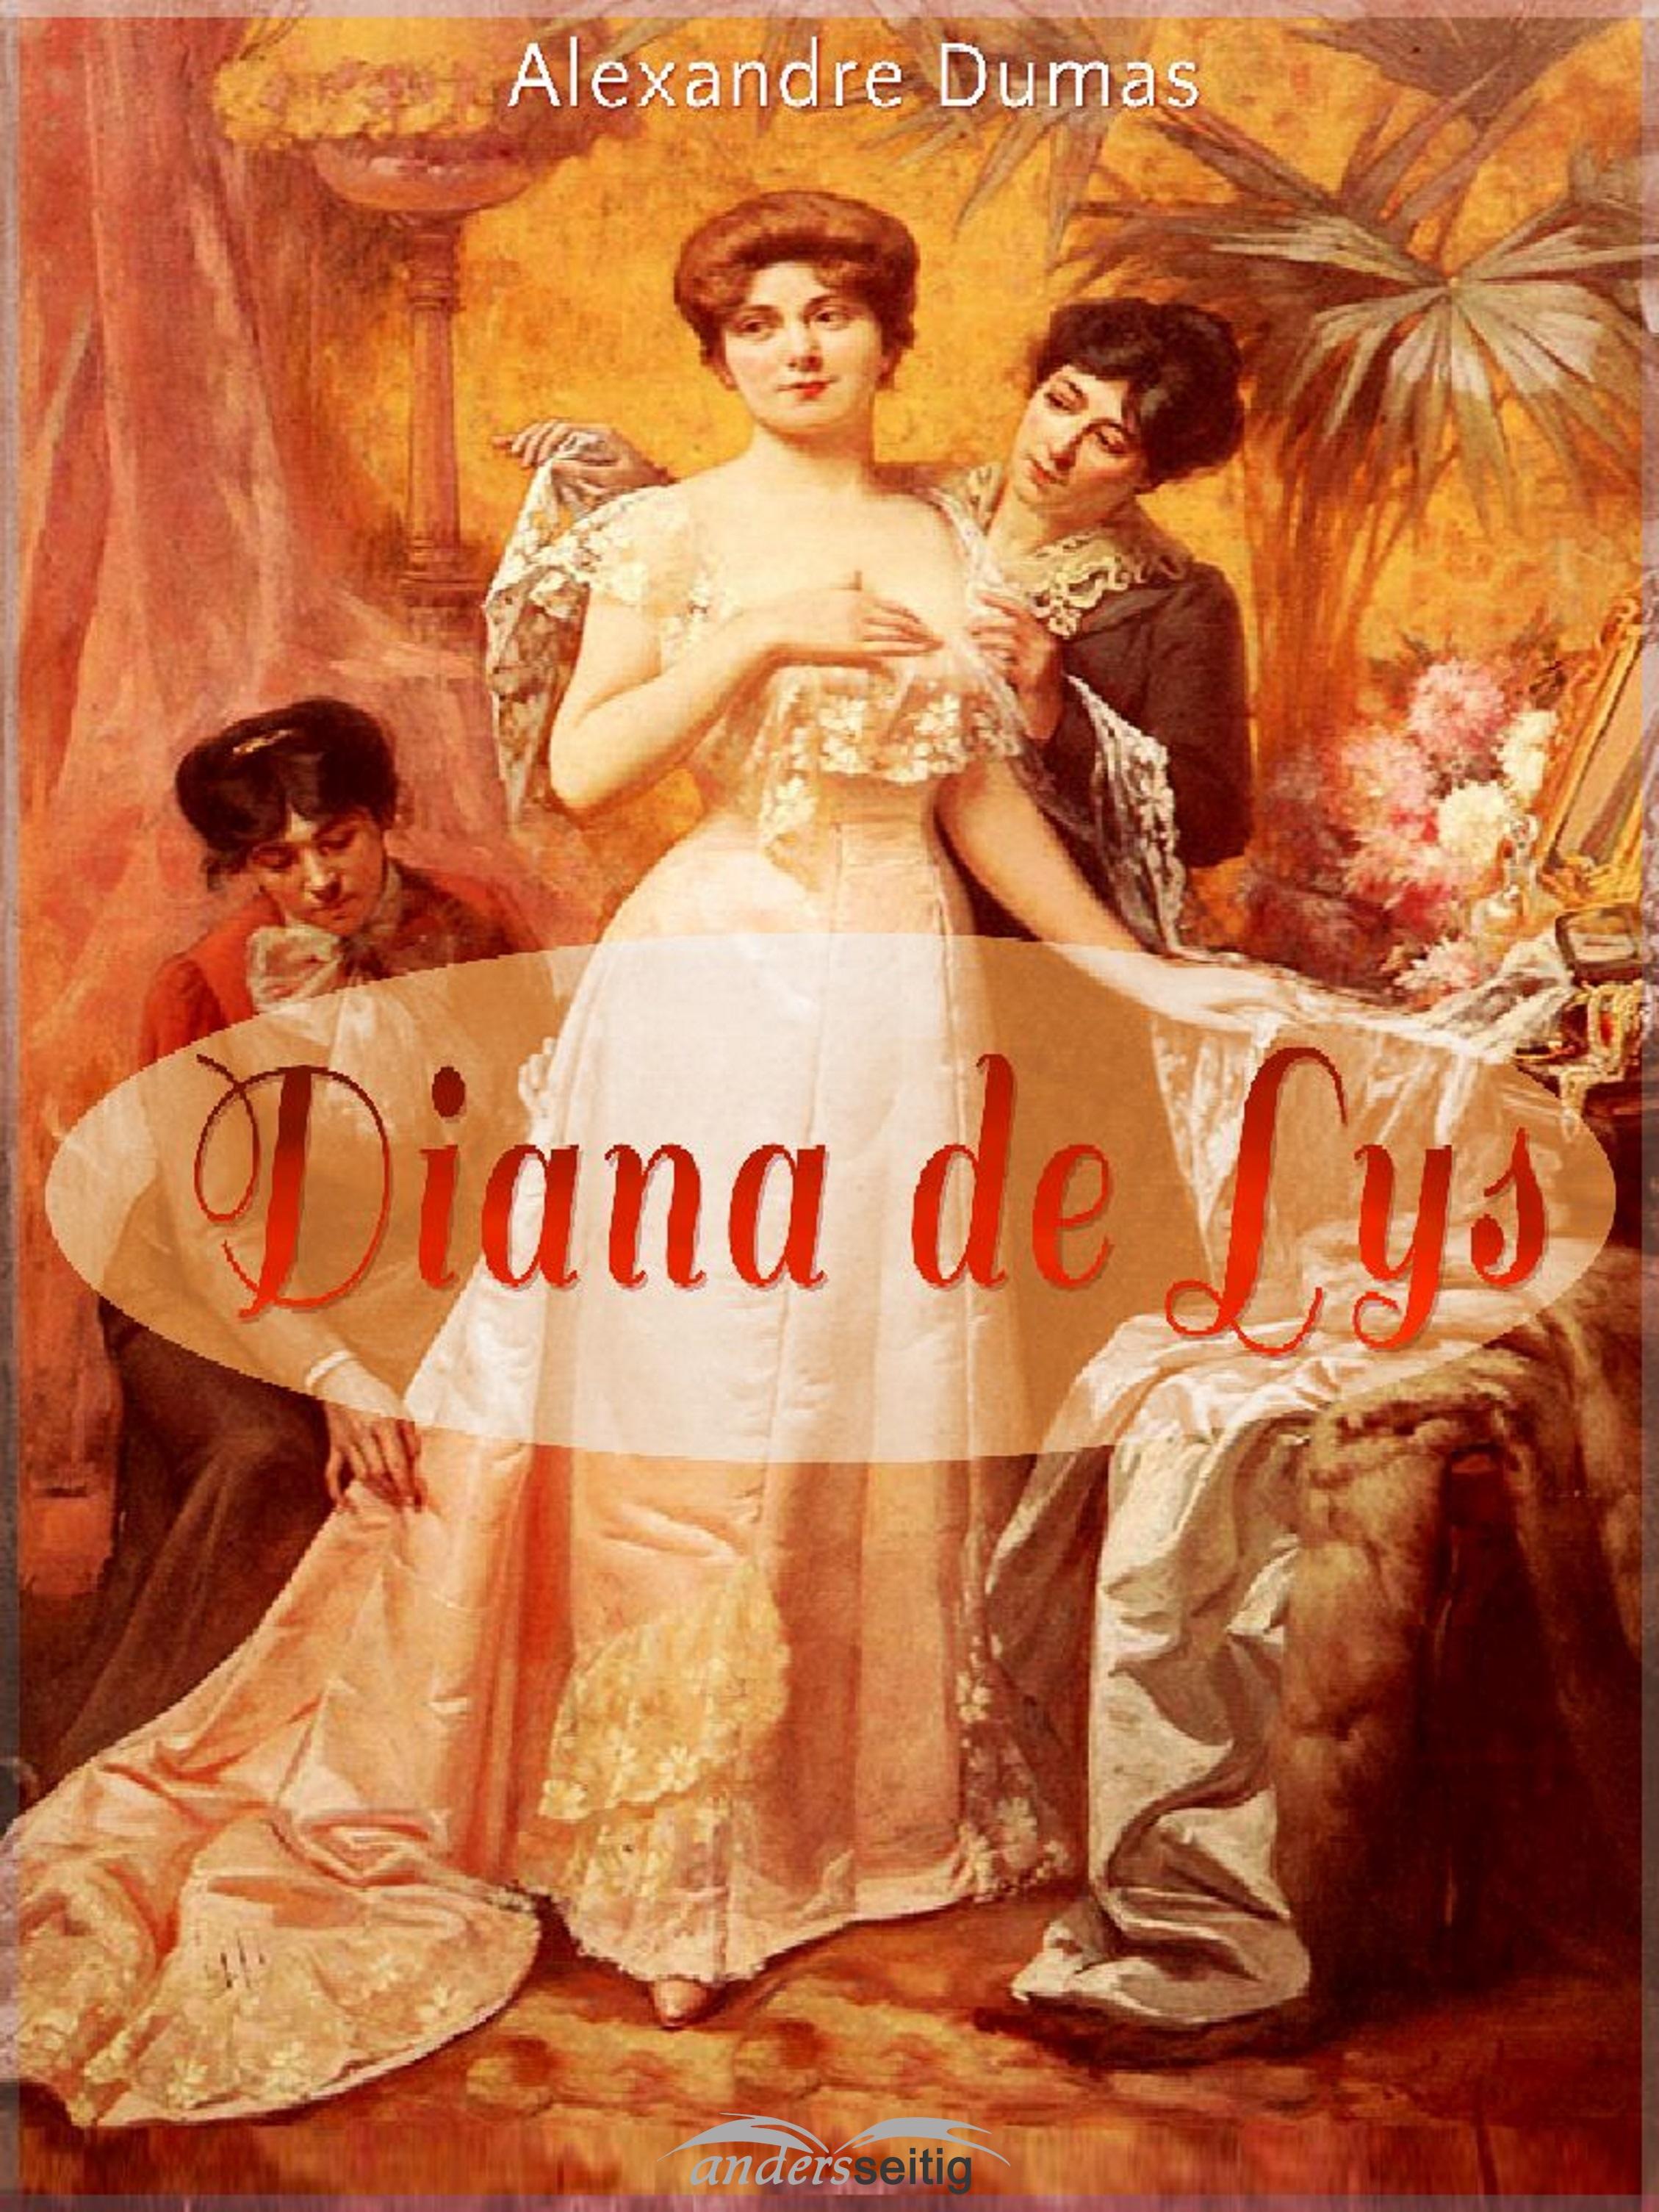 Alexandre Dumas Diana de Lys